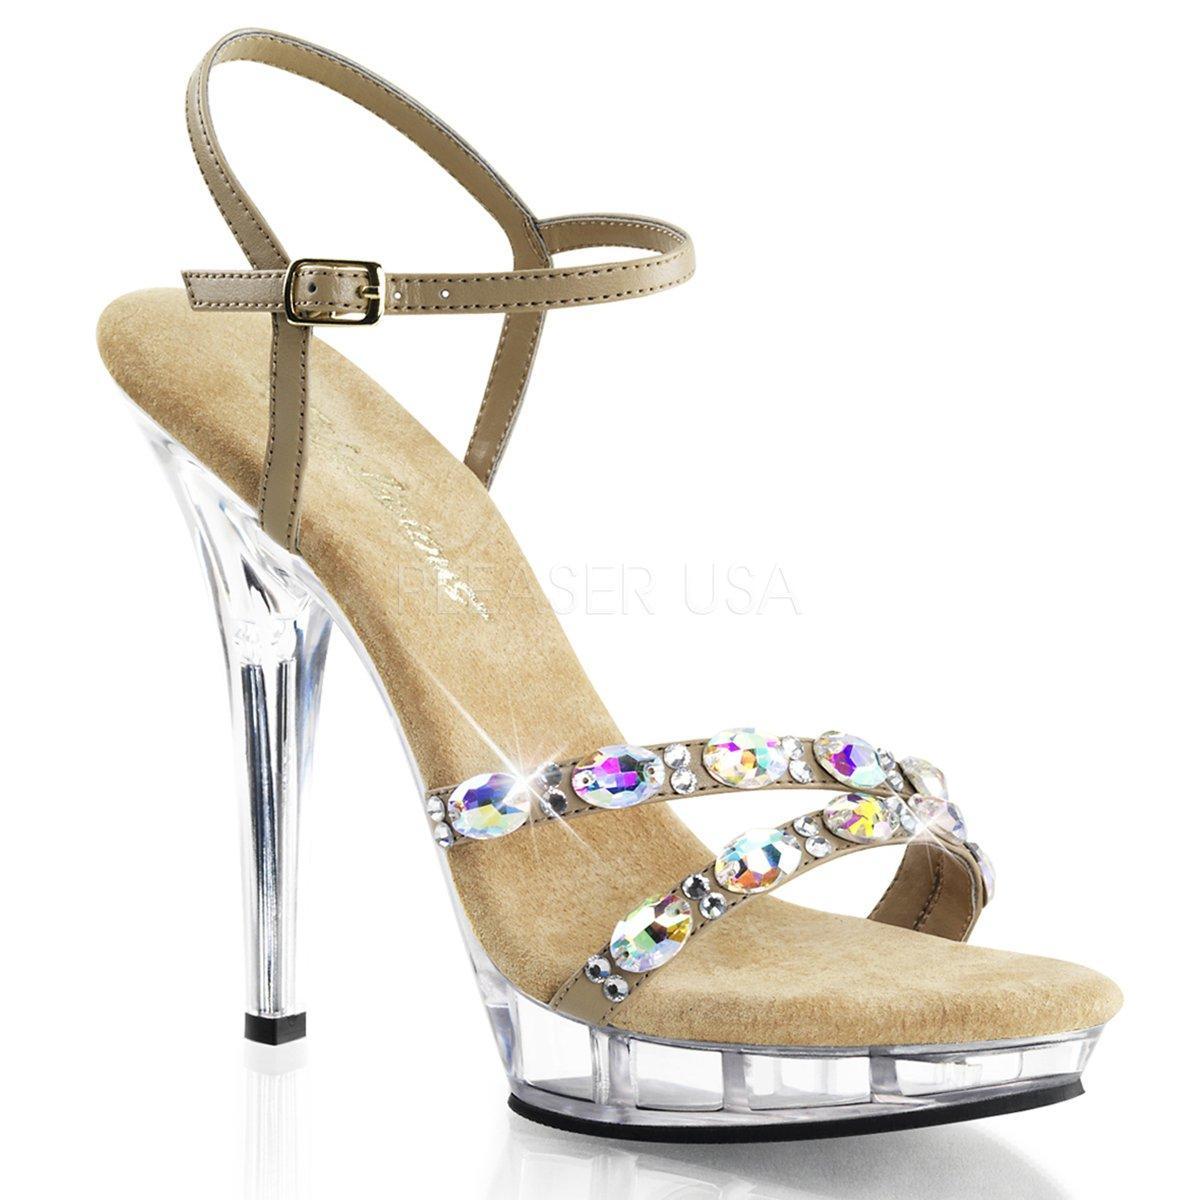 LIP-133 Elegantní zlaté společenské sandálky s pásky posázenými kameny 0354ac6b4f